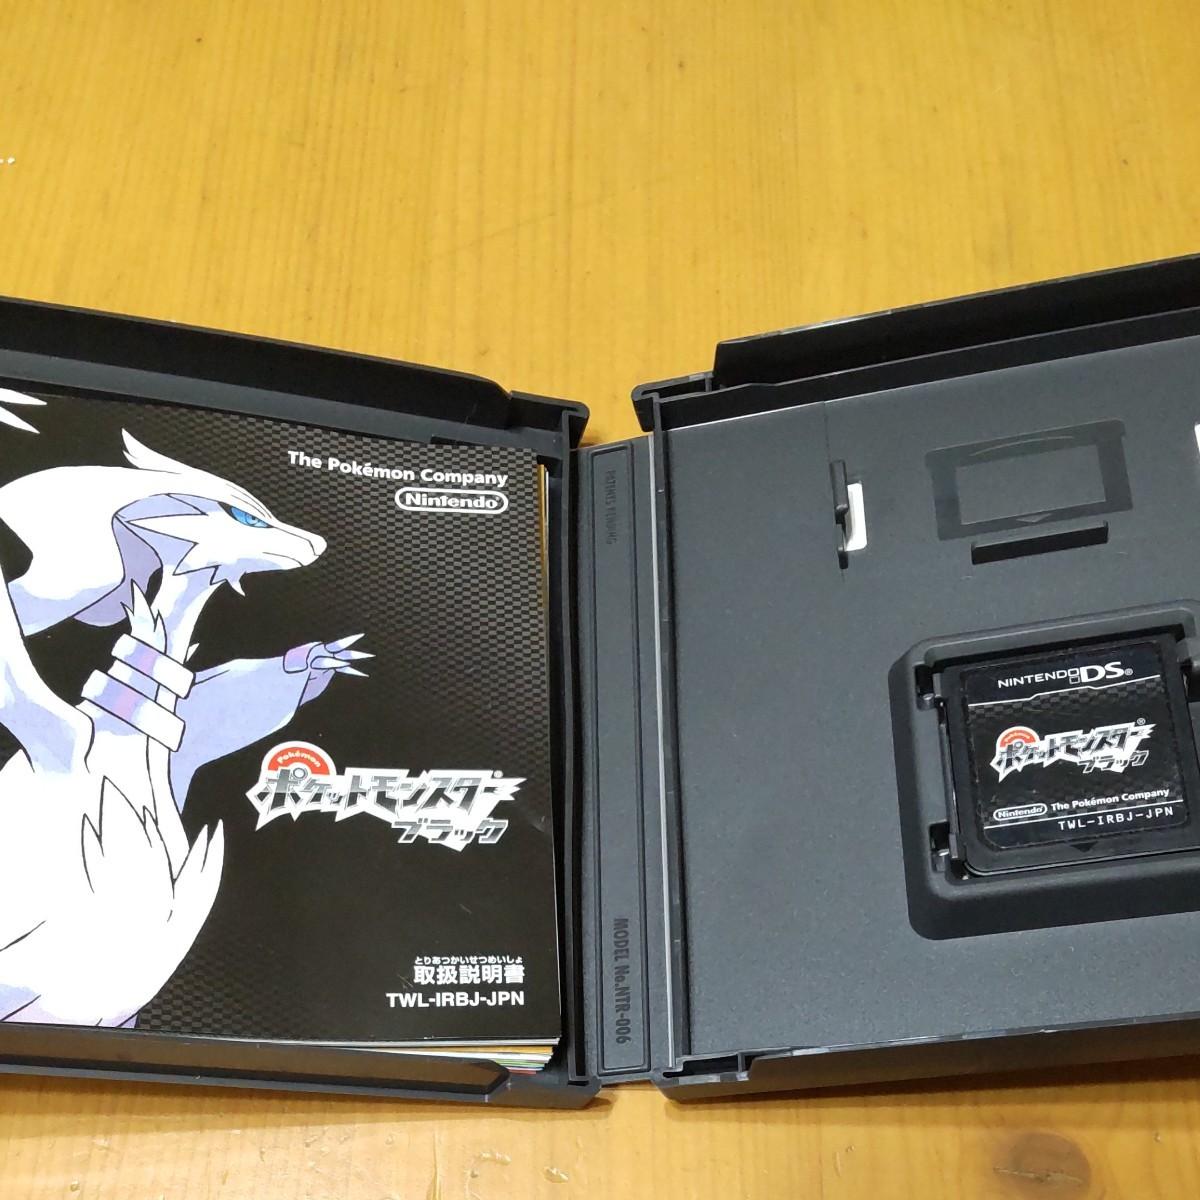 ポケットモンスターブラック DSソフト 説明書 ポケモン ニンテンドーDS